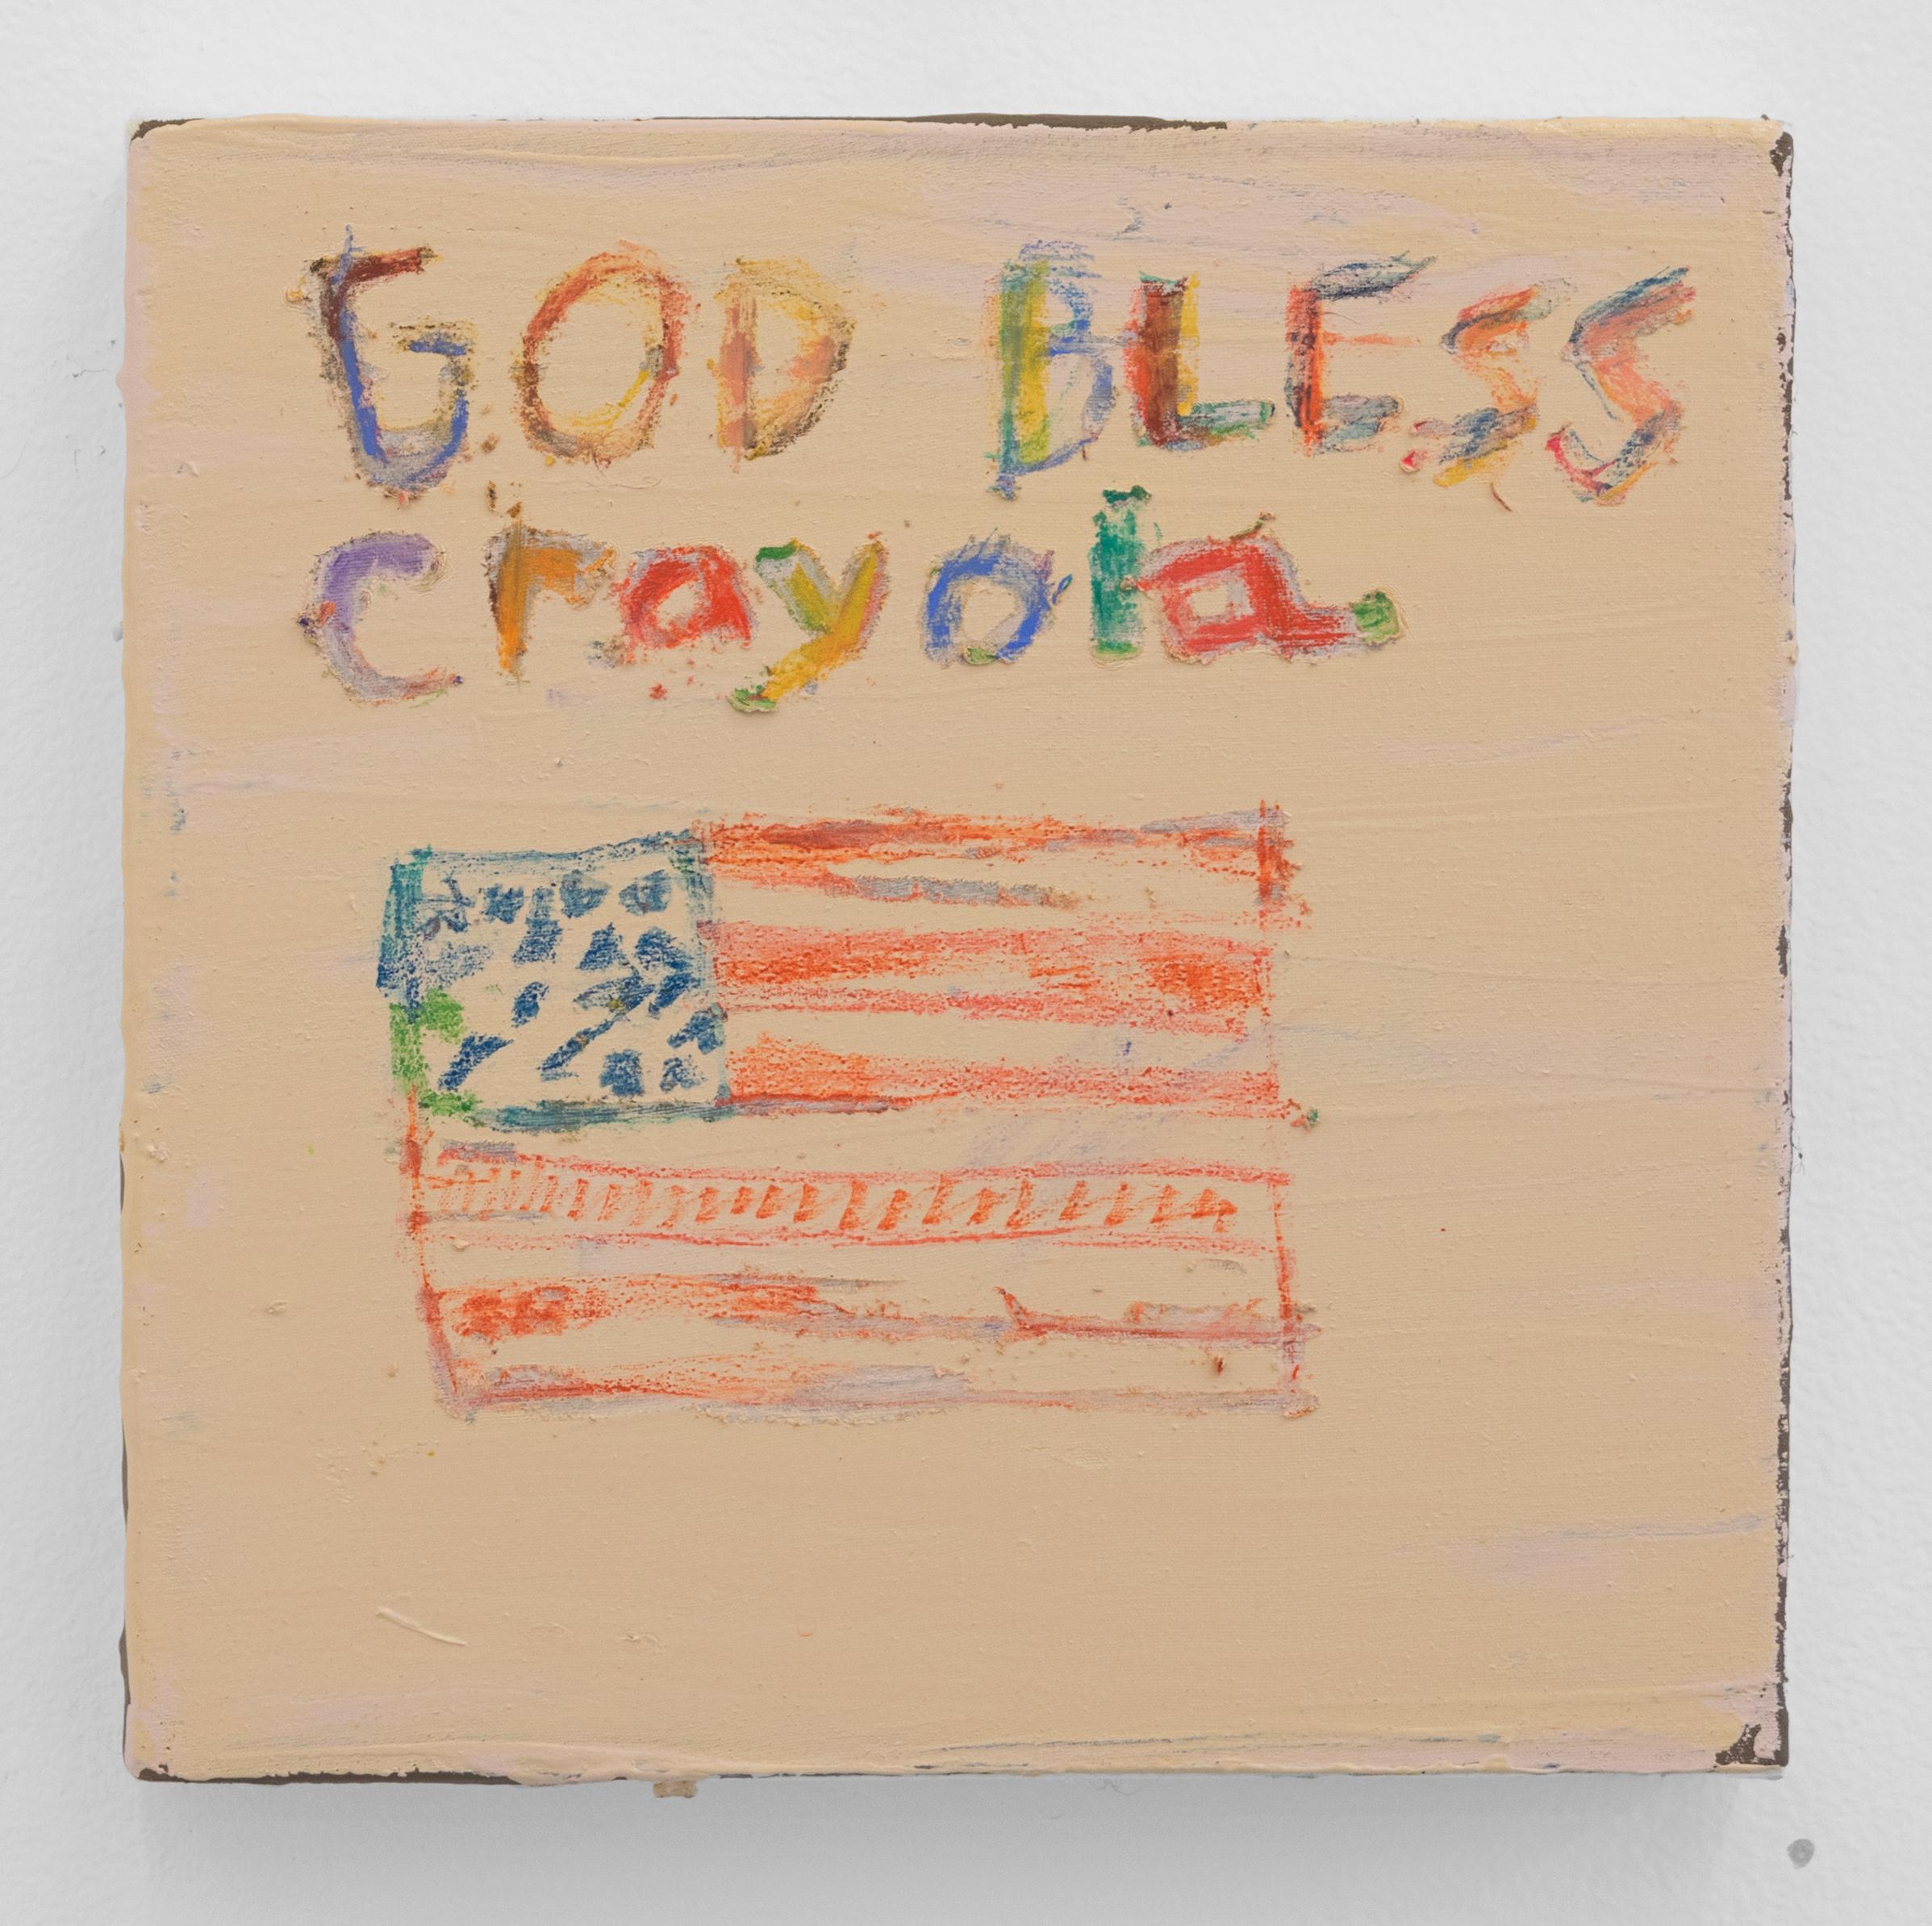 God Bless Crayola